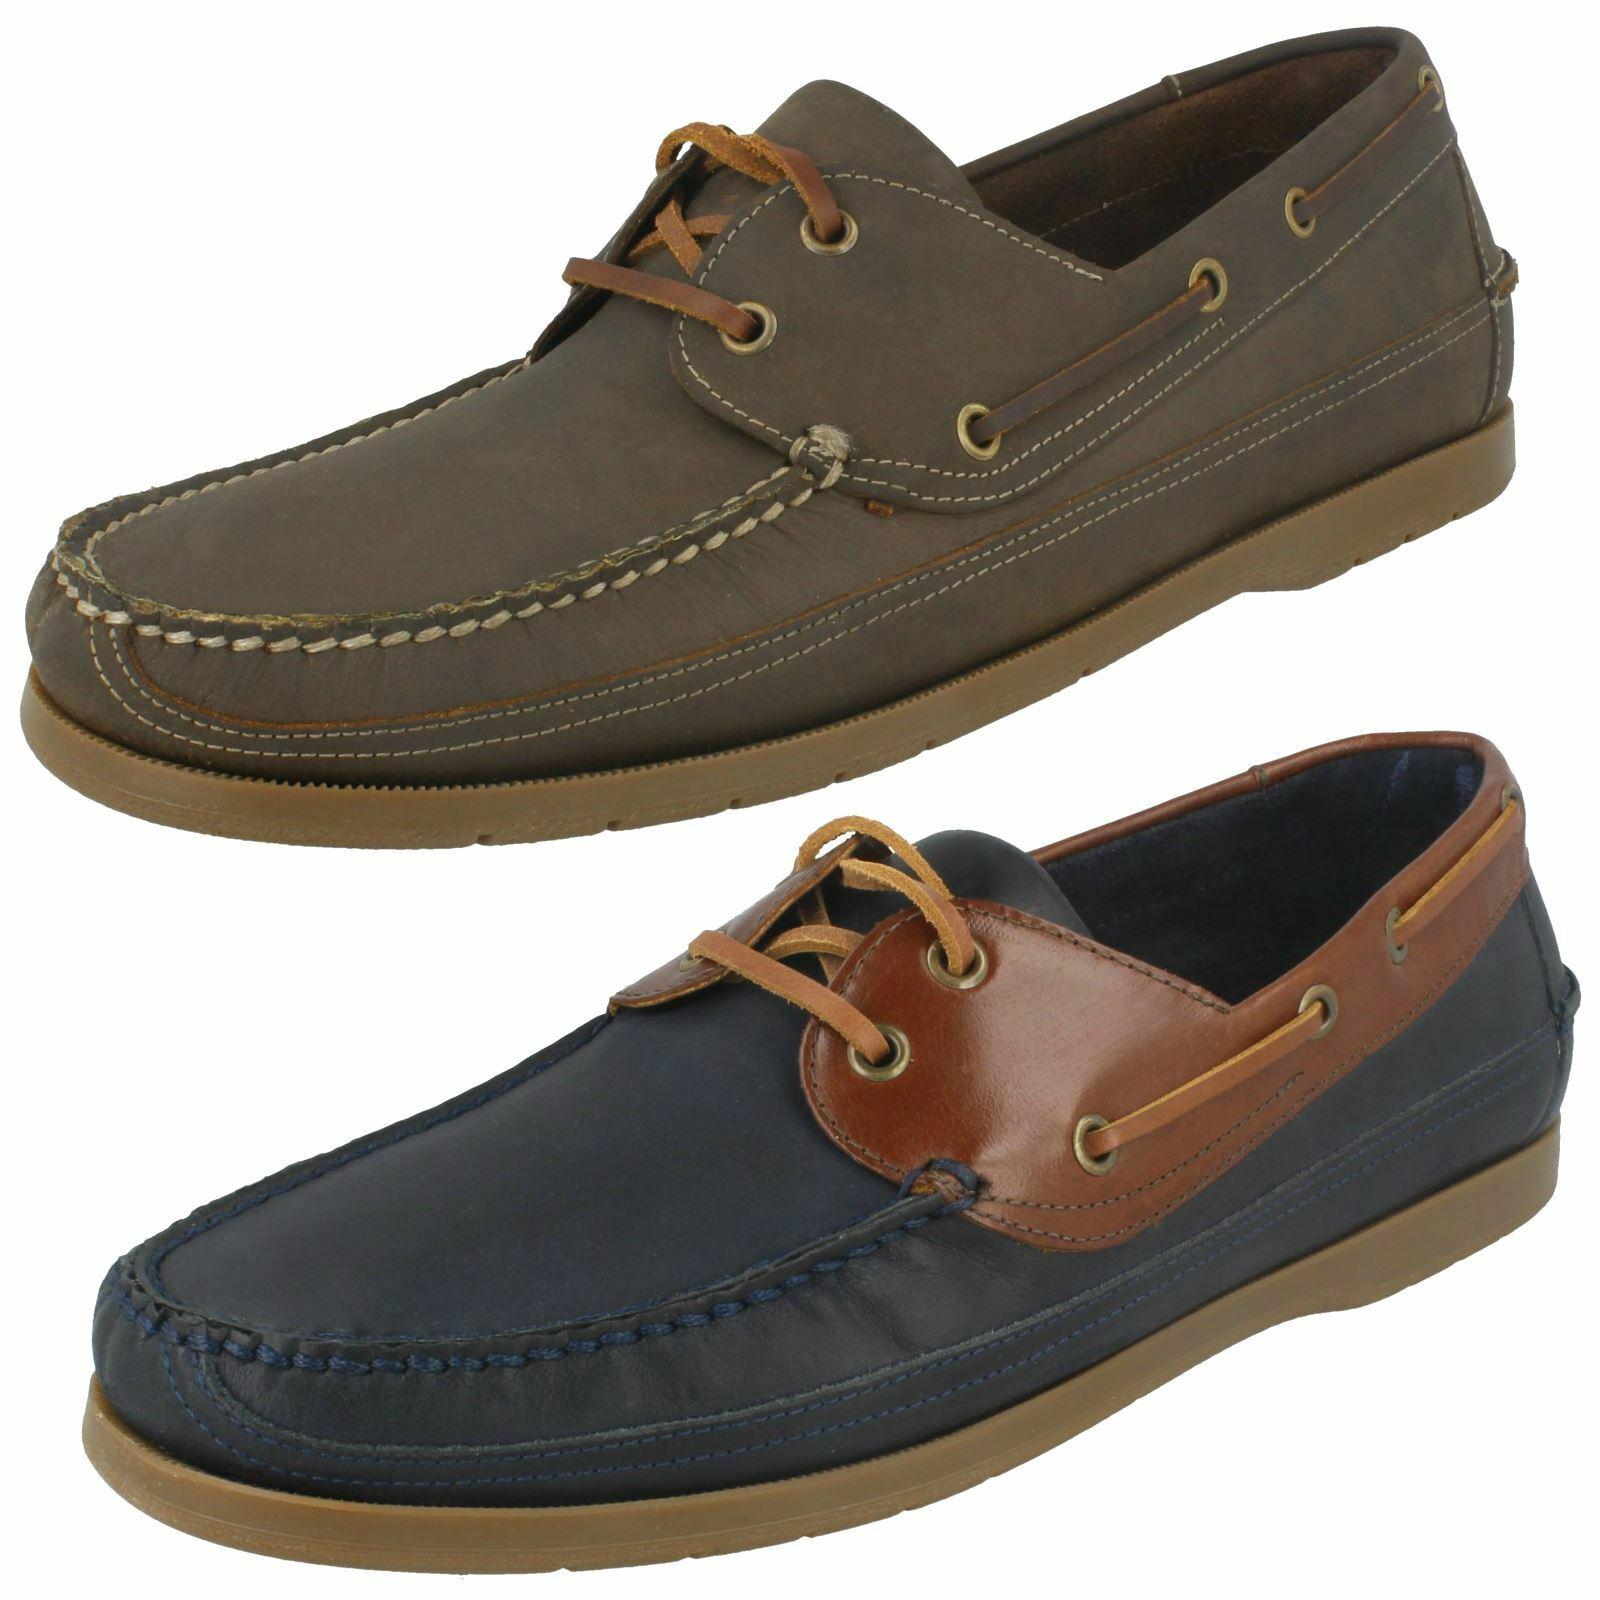 Disección masculina de calzado Cochenal Viana